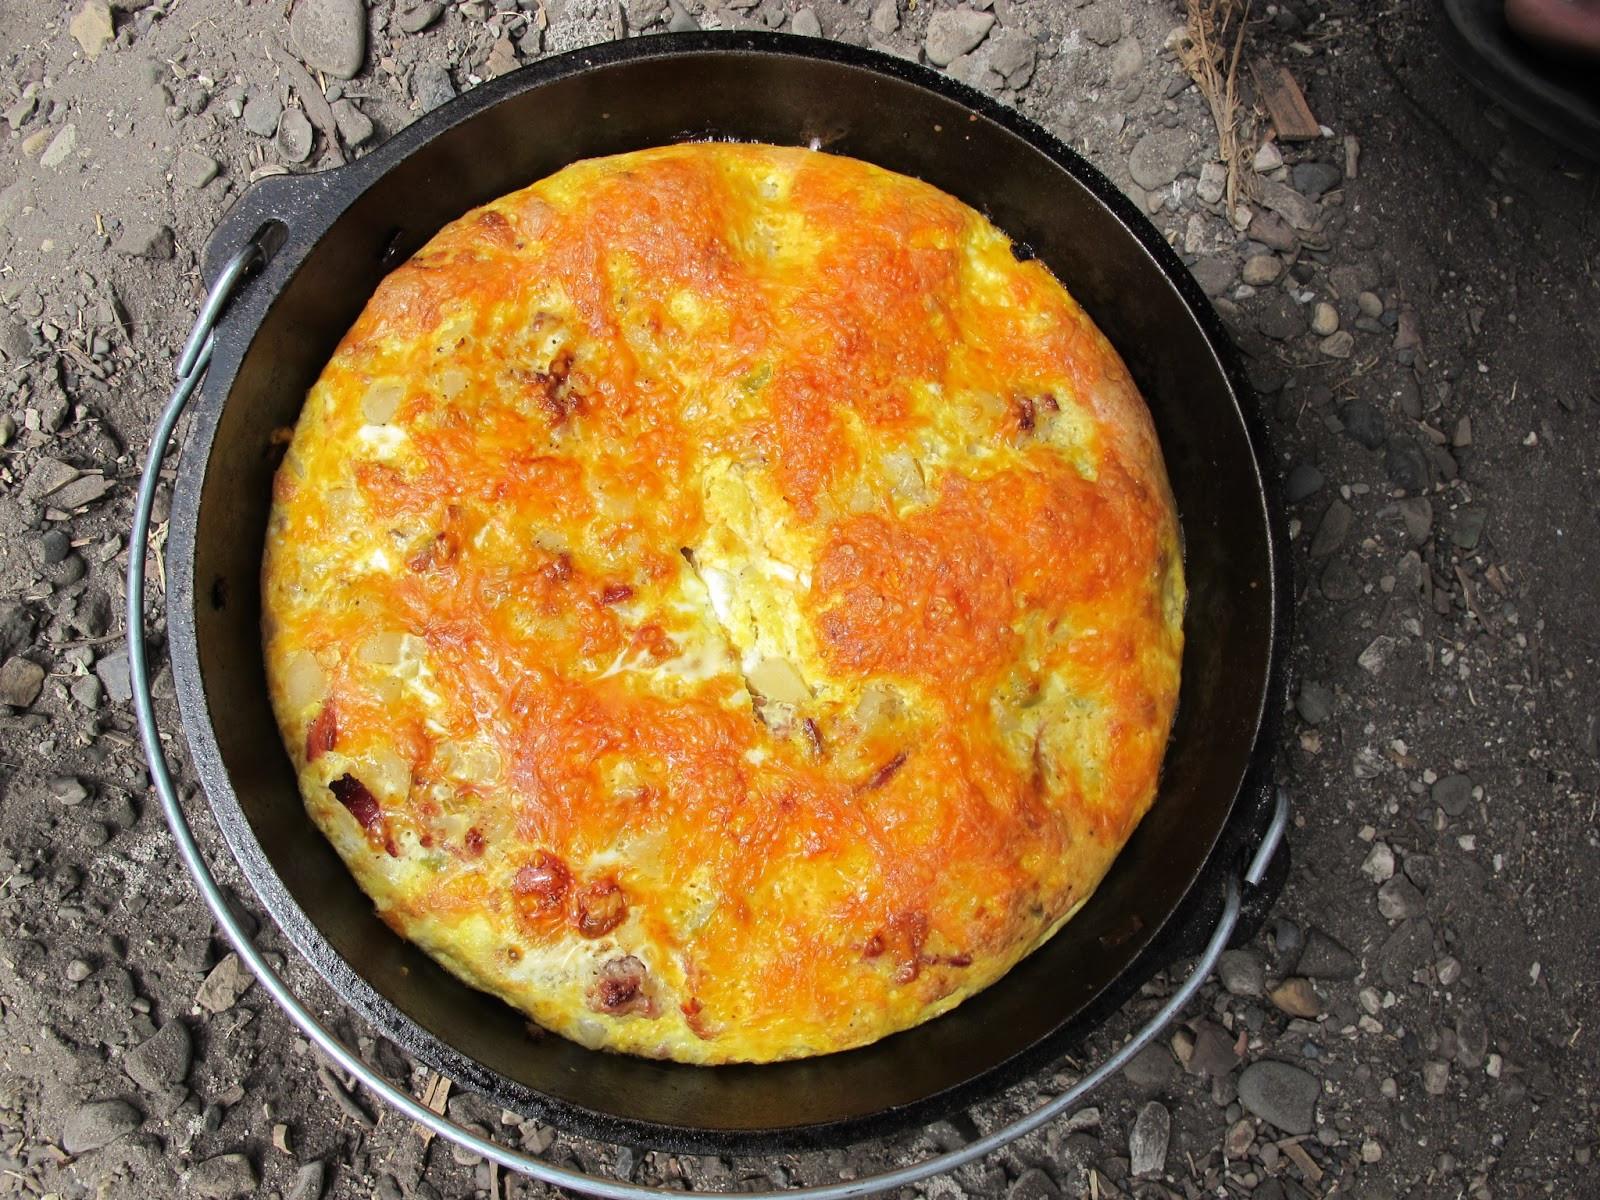 Dutch Oven Camping Recipes Breakfast  BYU Dutch Oven and Camp Cooking Dutch Oven Breakfast